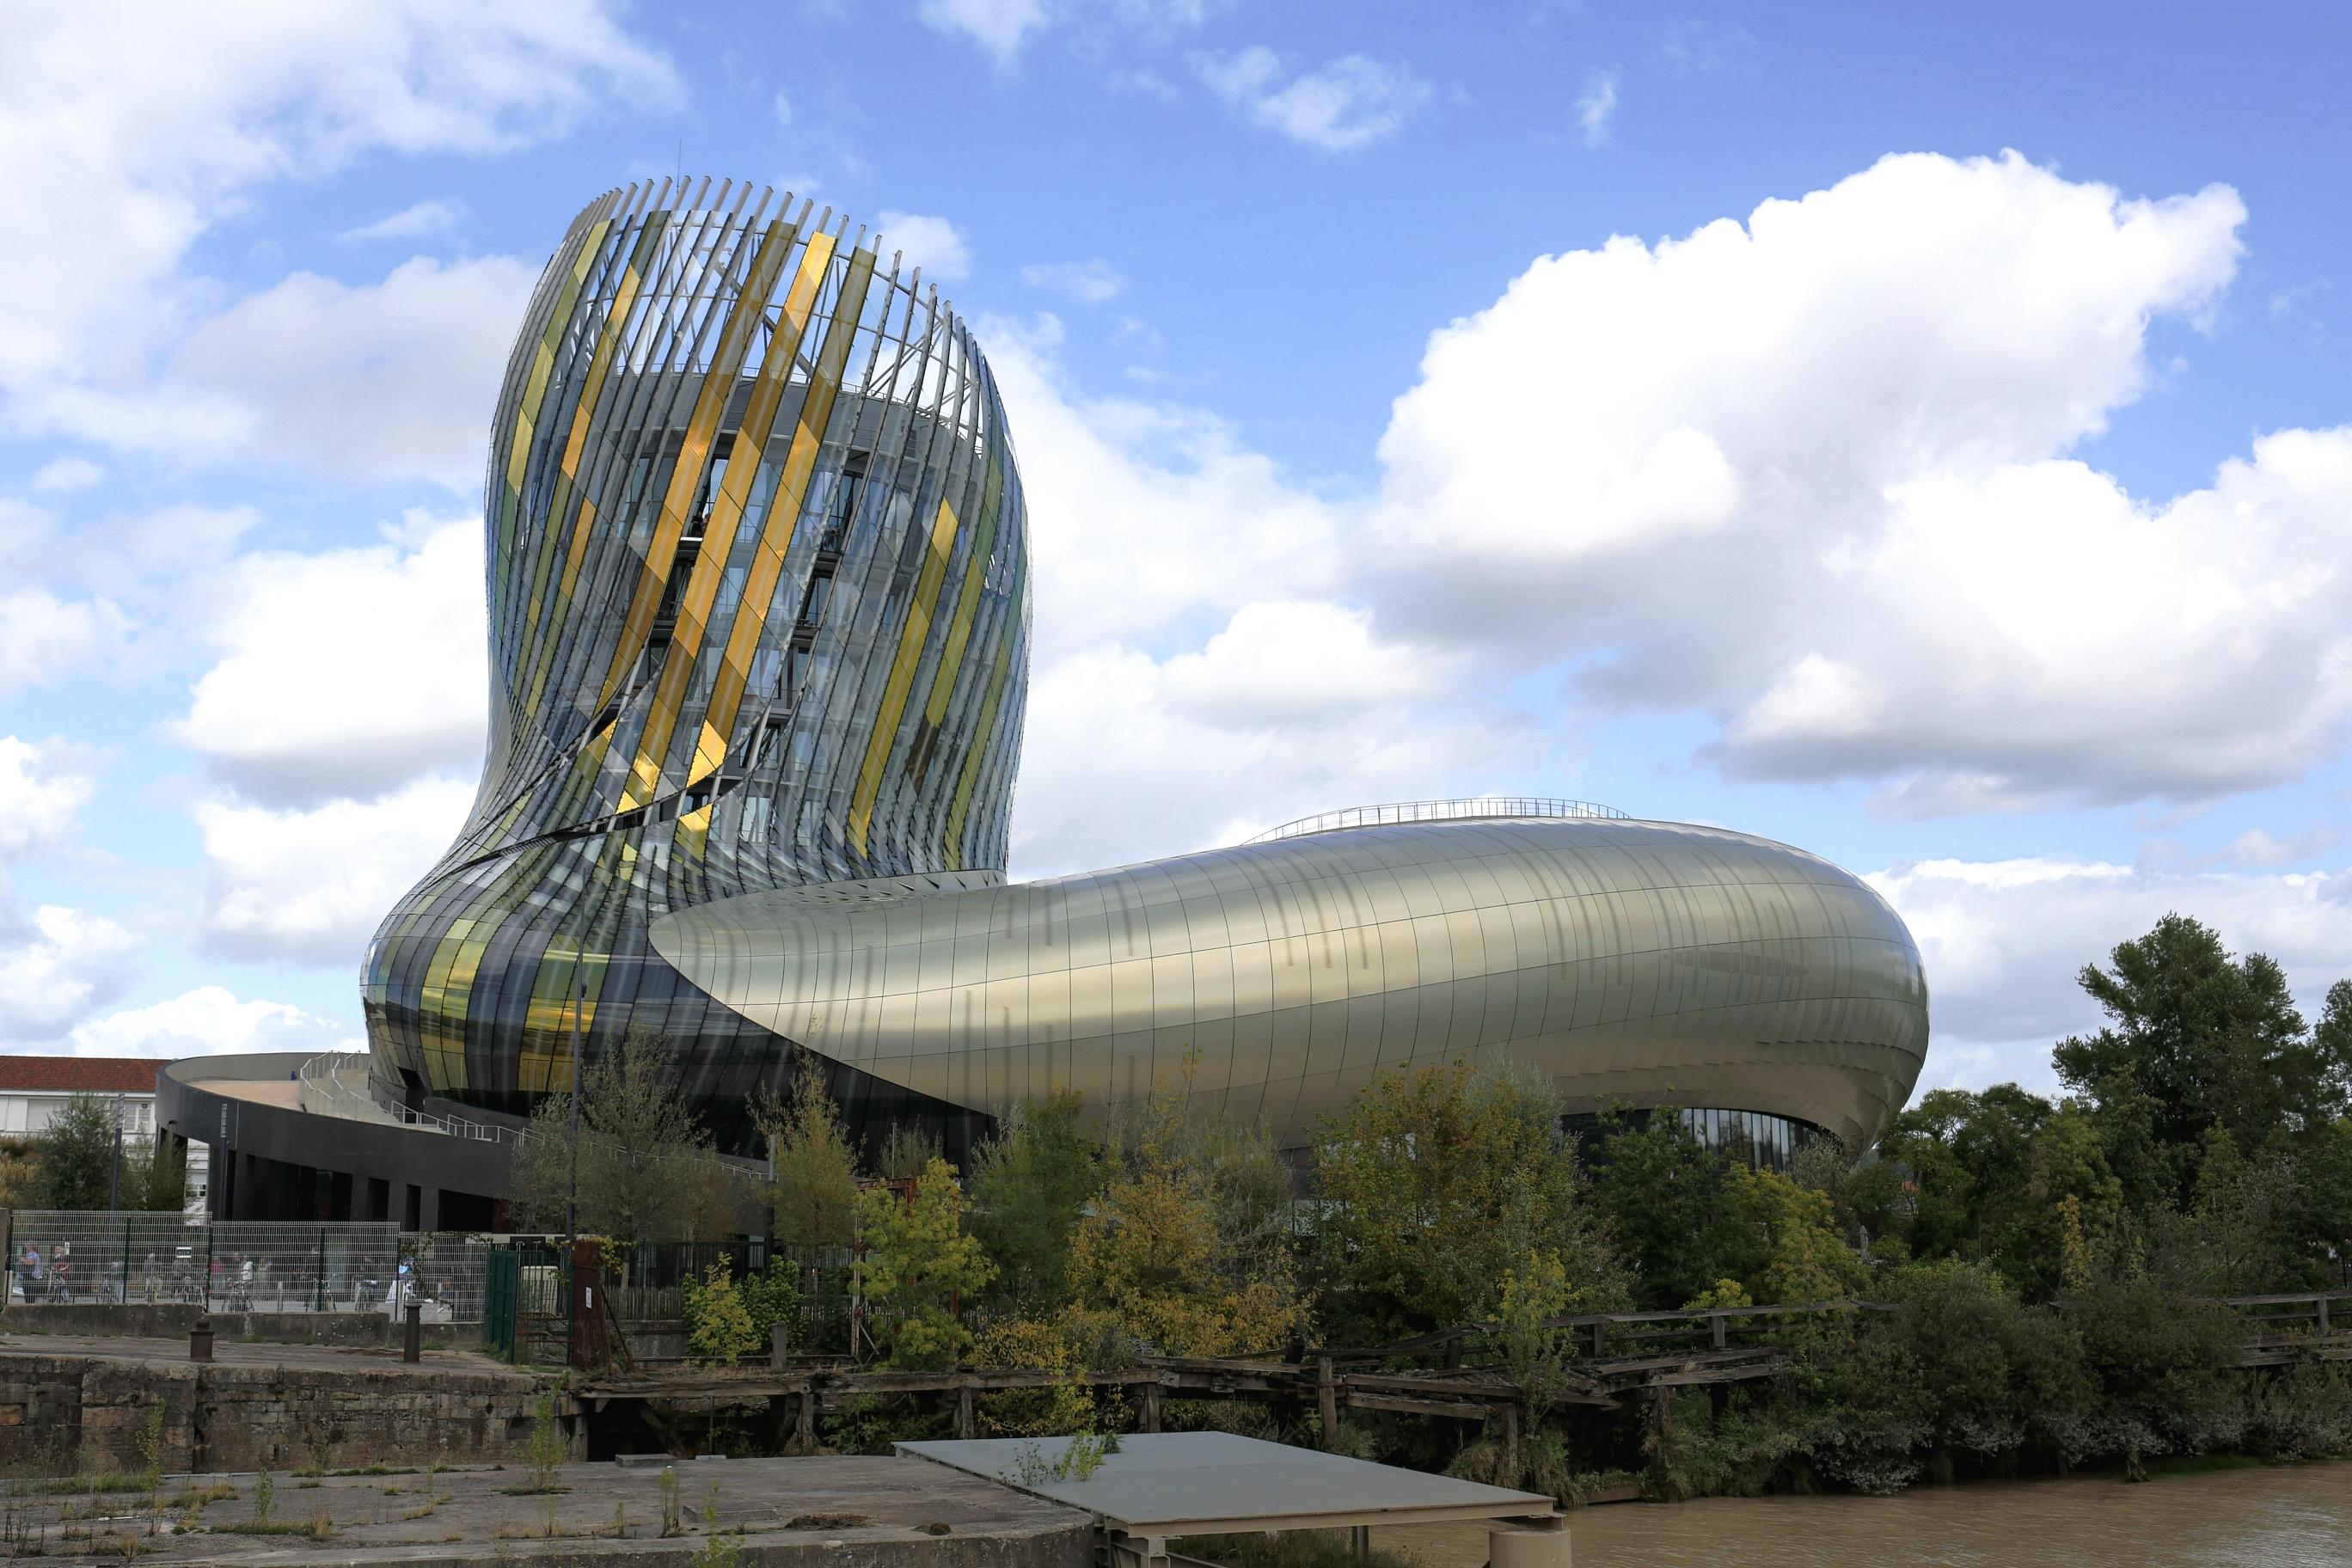 Bordeaux_cit%C3%A9_du_vin_Godenehler_CC_BY_SA_4.0.jpg?1542874702